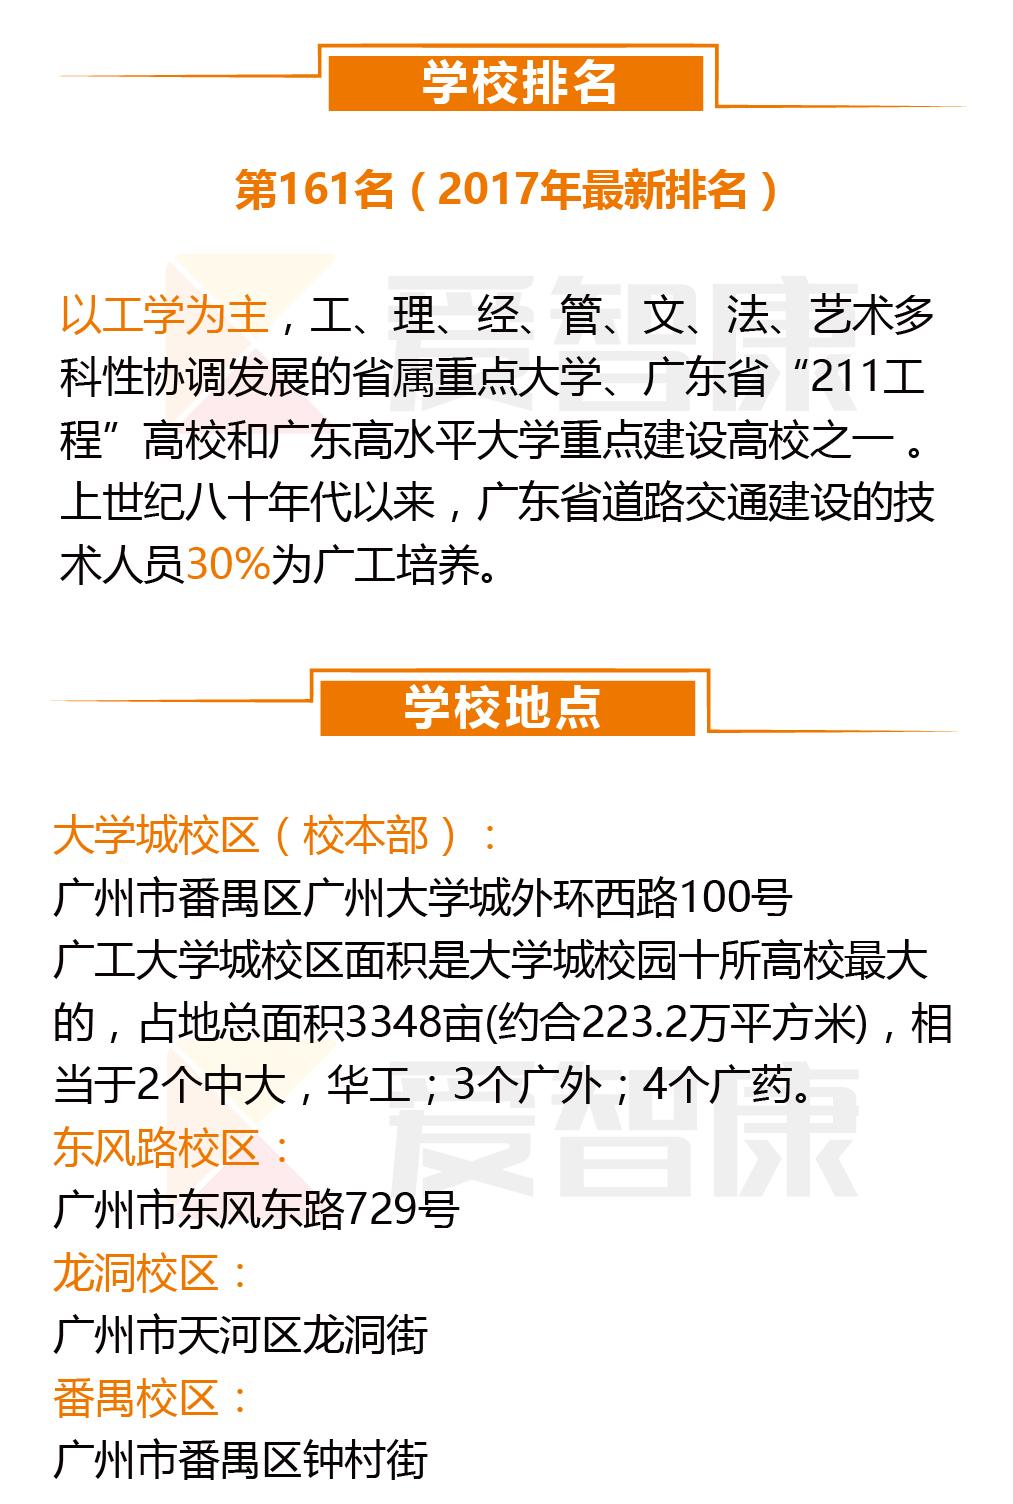 广东工业大学学校排名